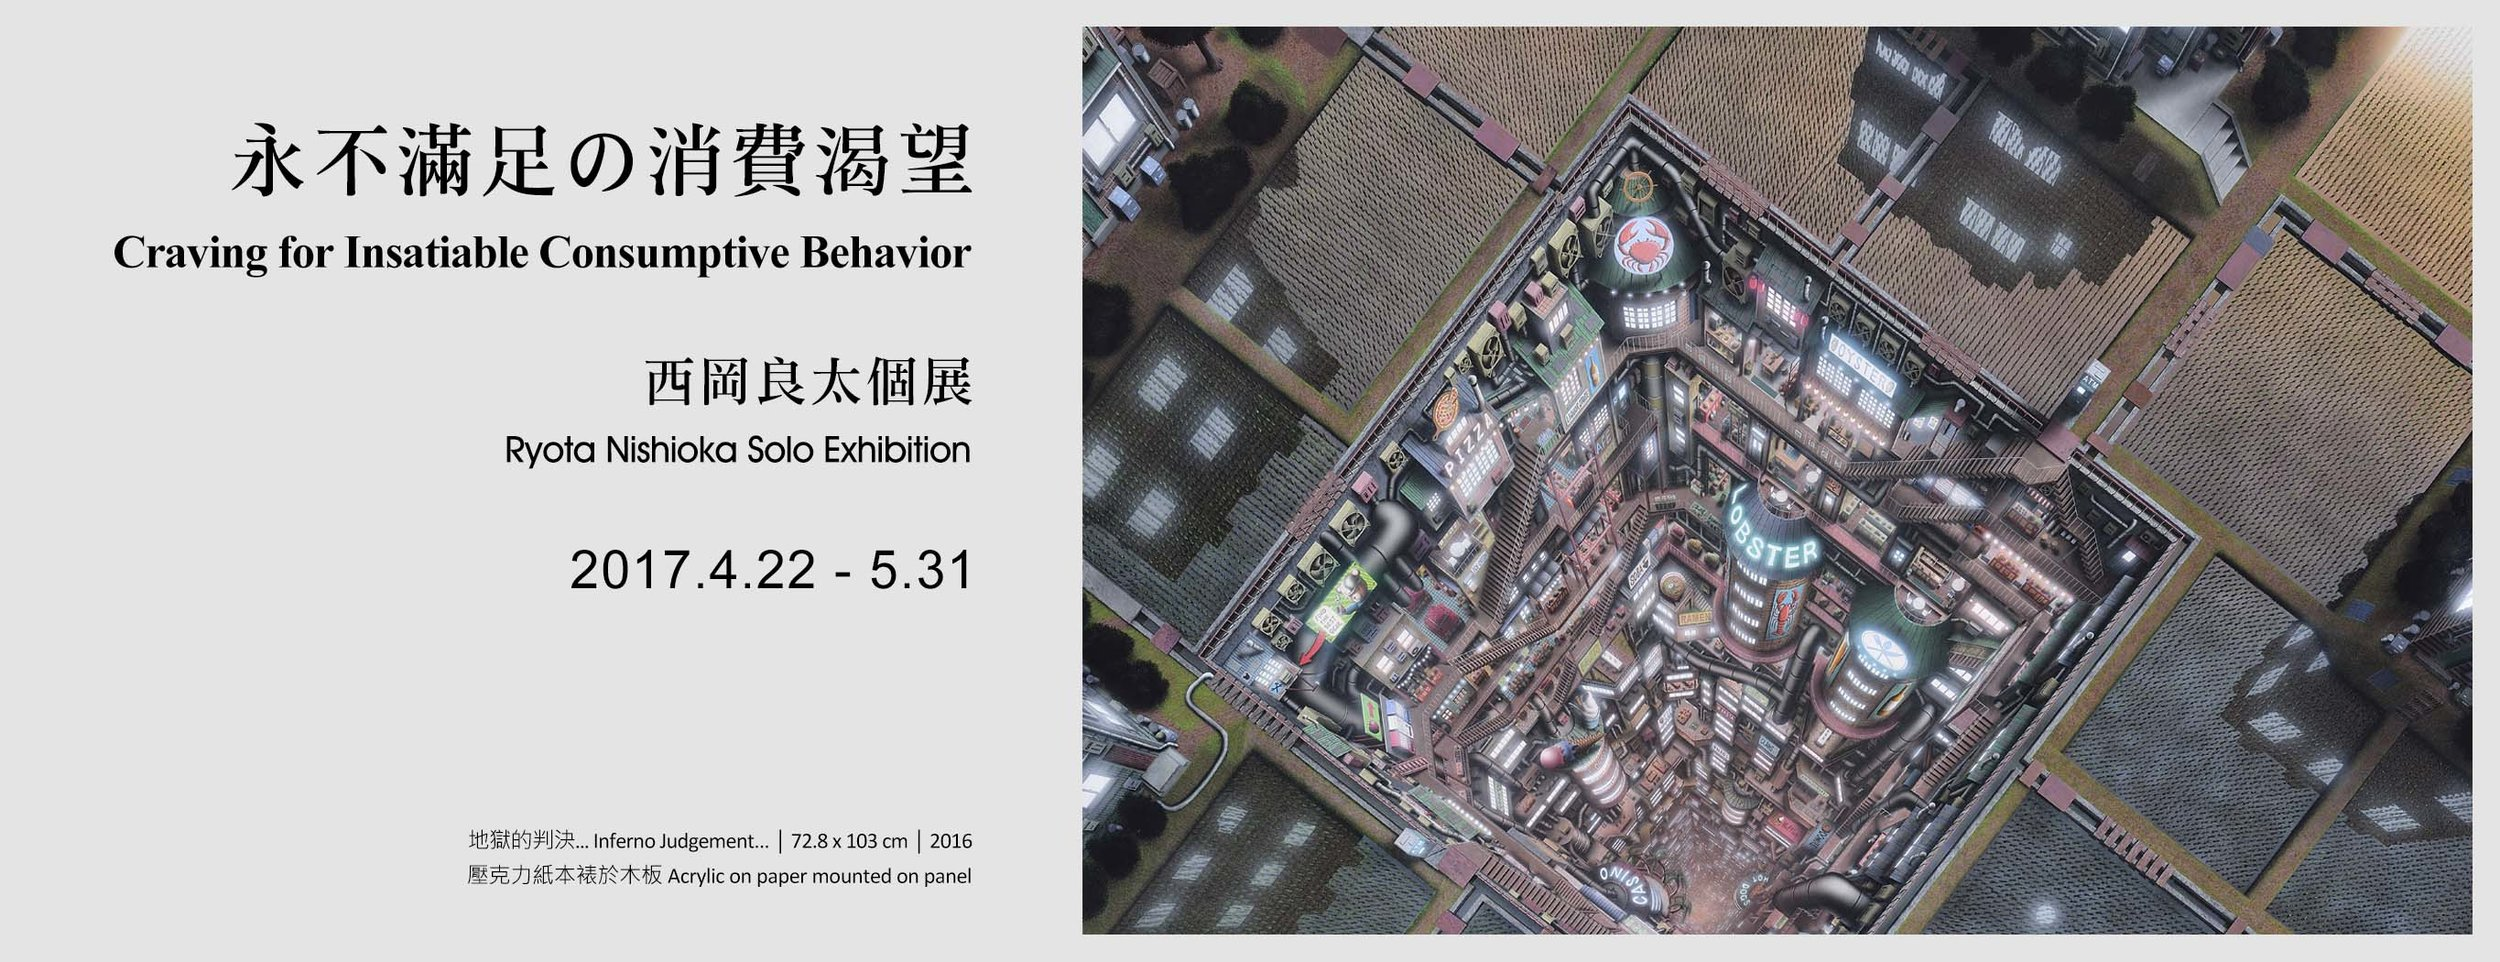 永不滿足の消費渴望—西岡良太個展_Craving_for_Insatiable_Consumptive_Behavior-Ryota_Nishioka_Solo_Exhibition